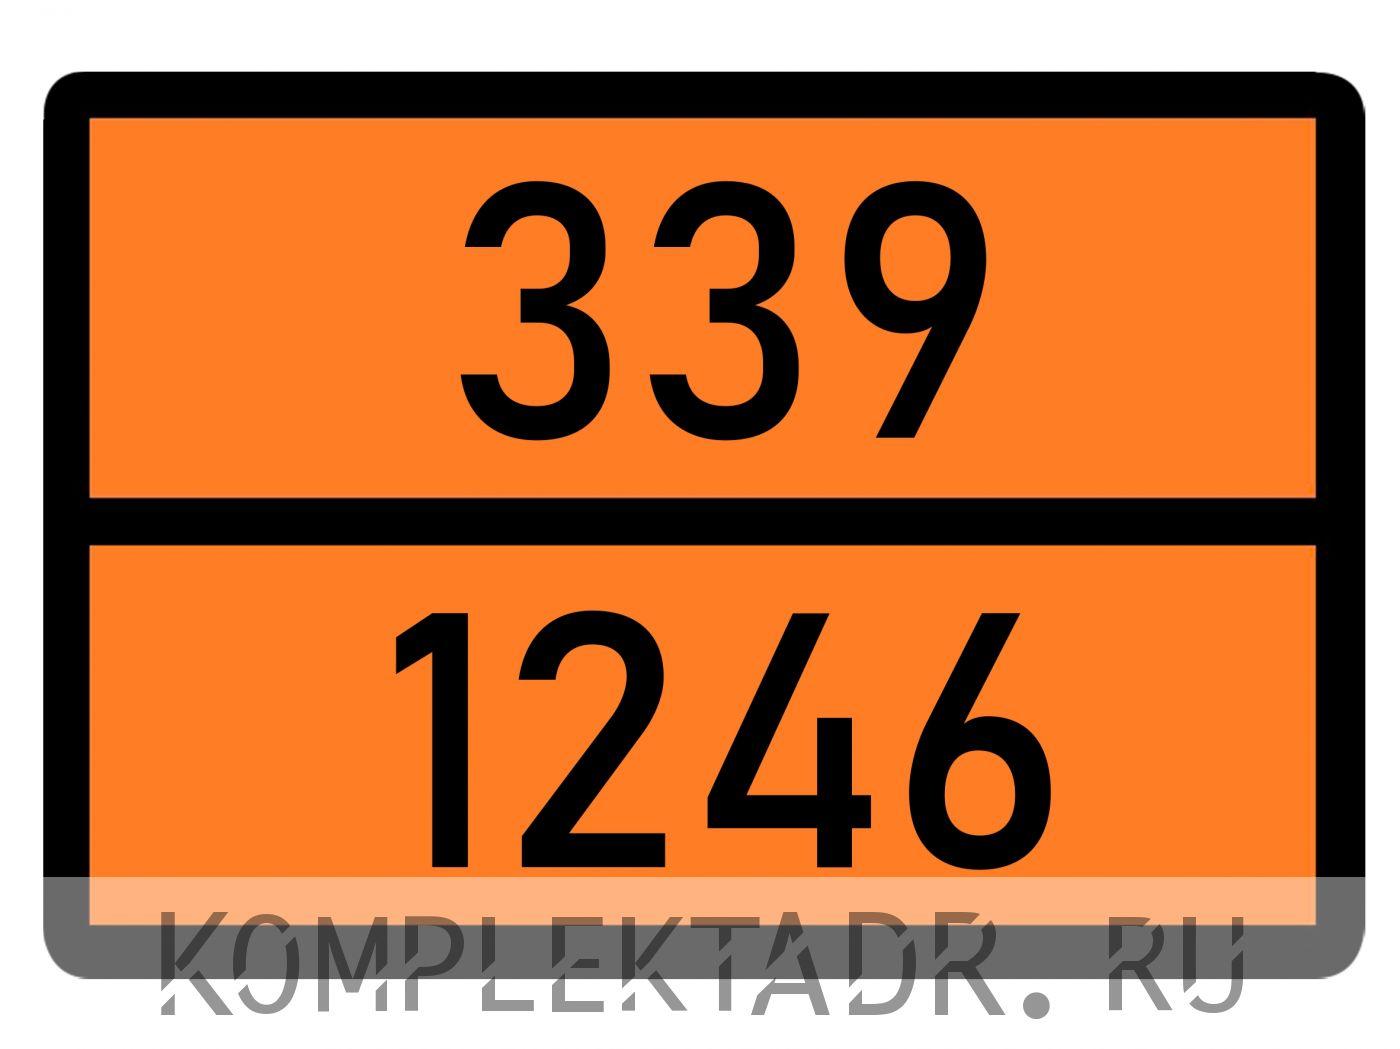 Табличка 339-1246